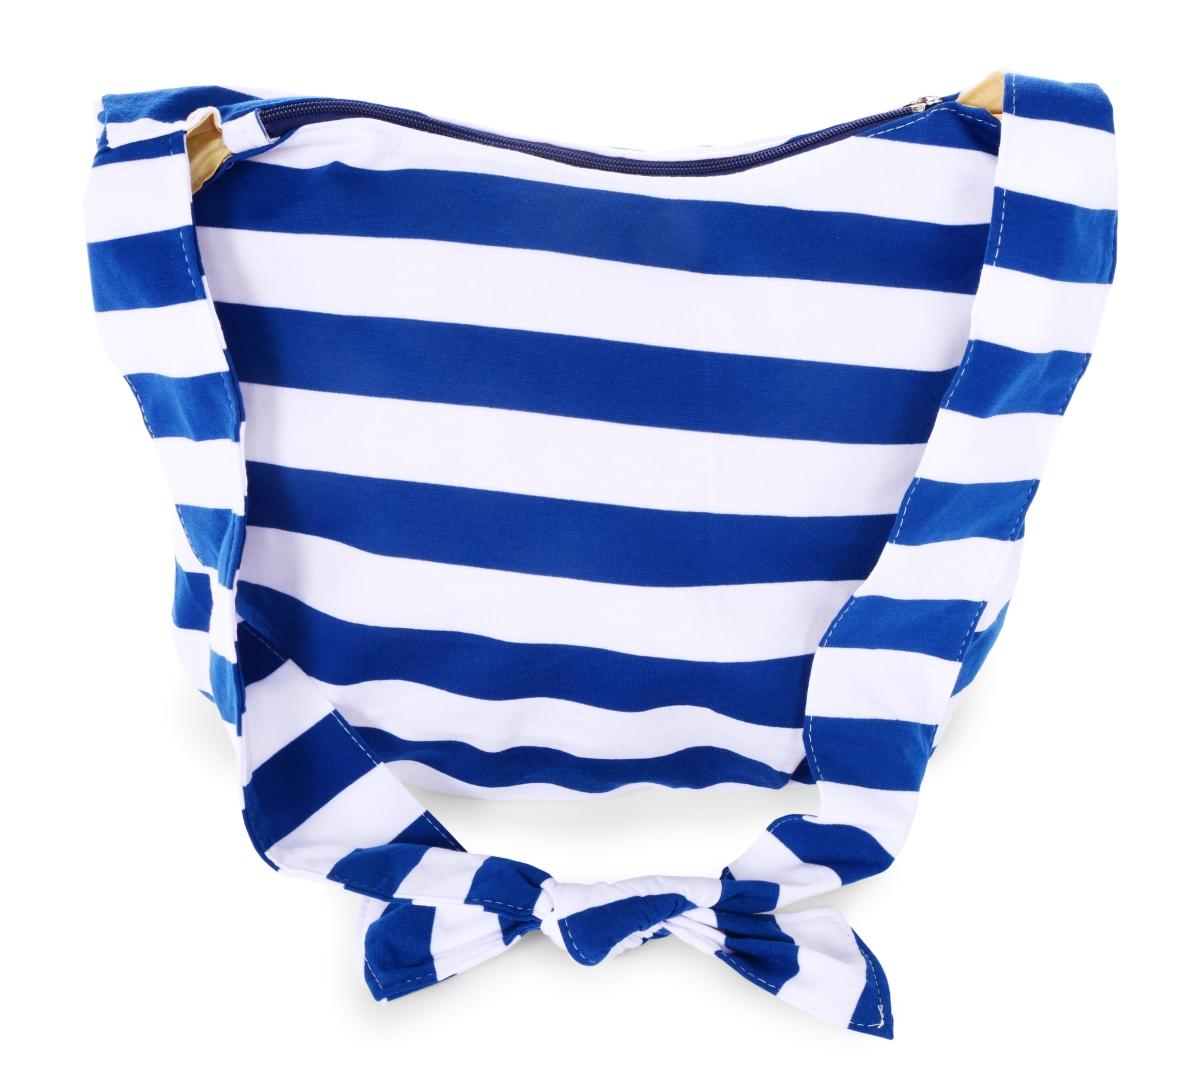 STRIPES pruhovaná textilní kabelka blue & white